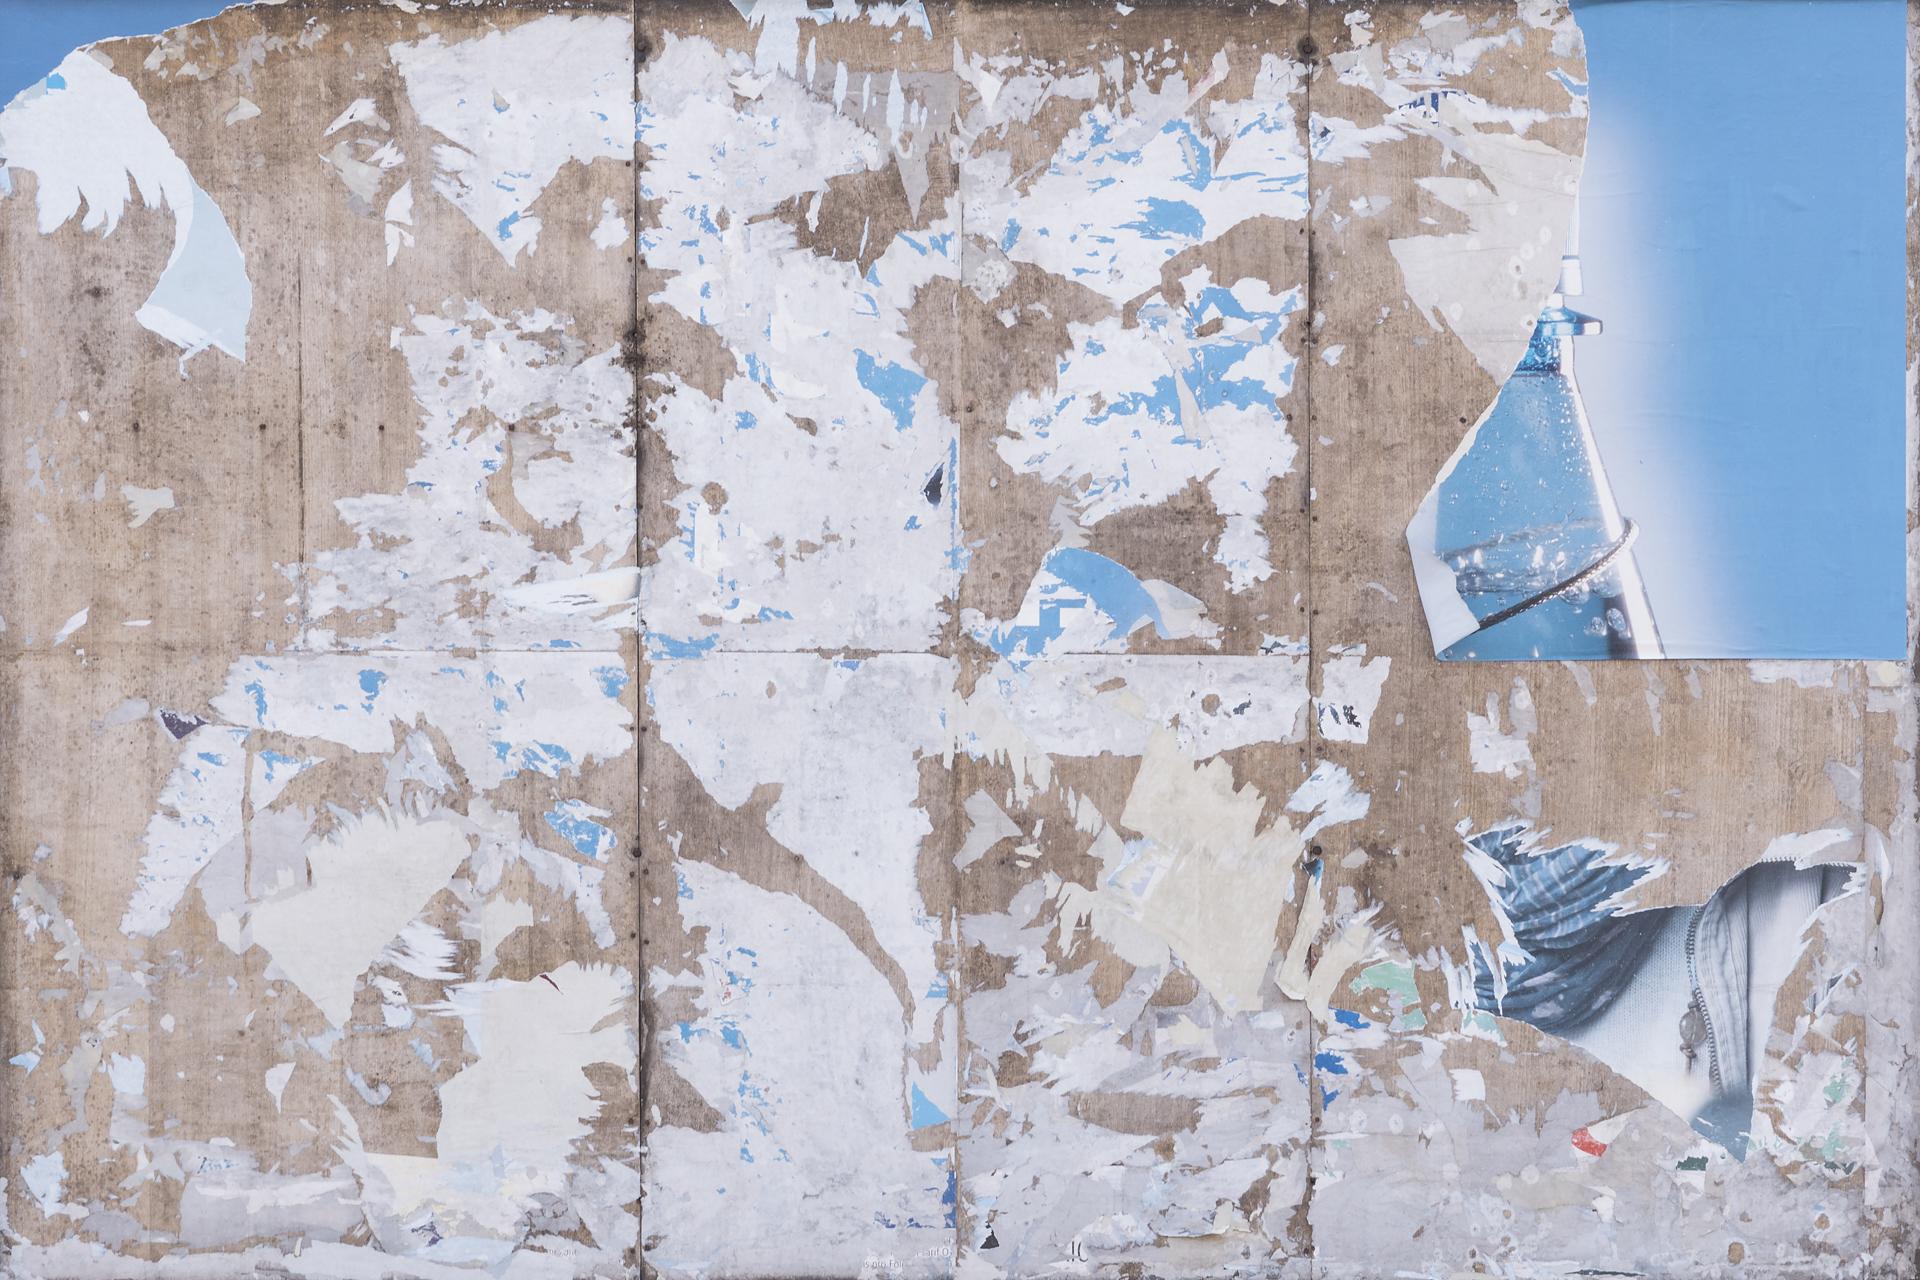 rückständig III • Lambda-Print auf FUJIFILM Crystal Archive DPII, 60 x 40 cm, rahmenloser Bilderhalter • Auflage: 5 + 2 Artist's Proof